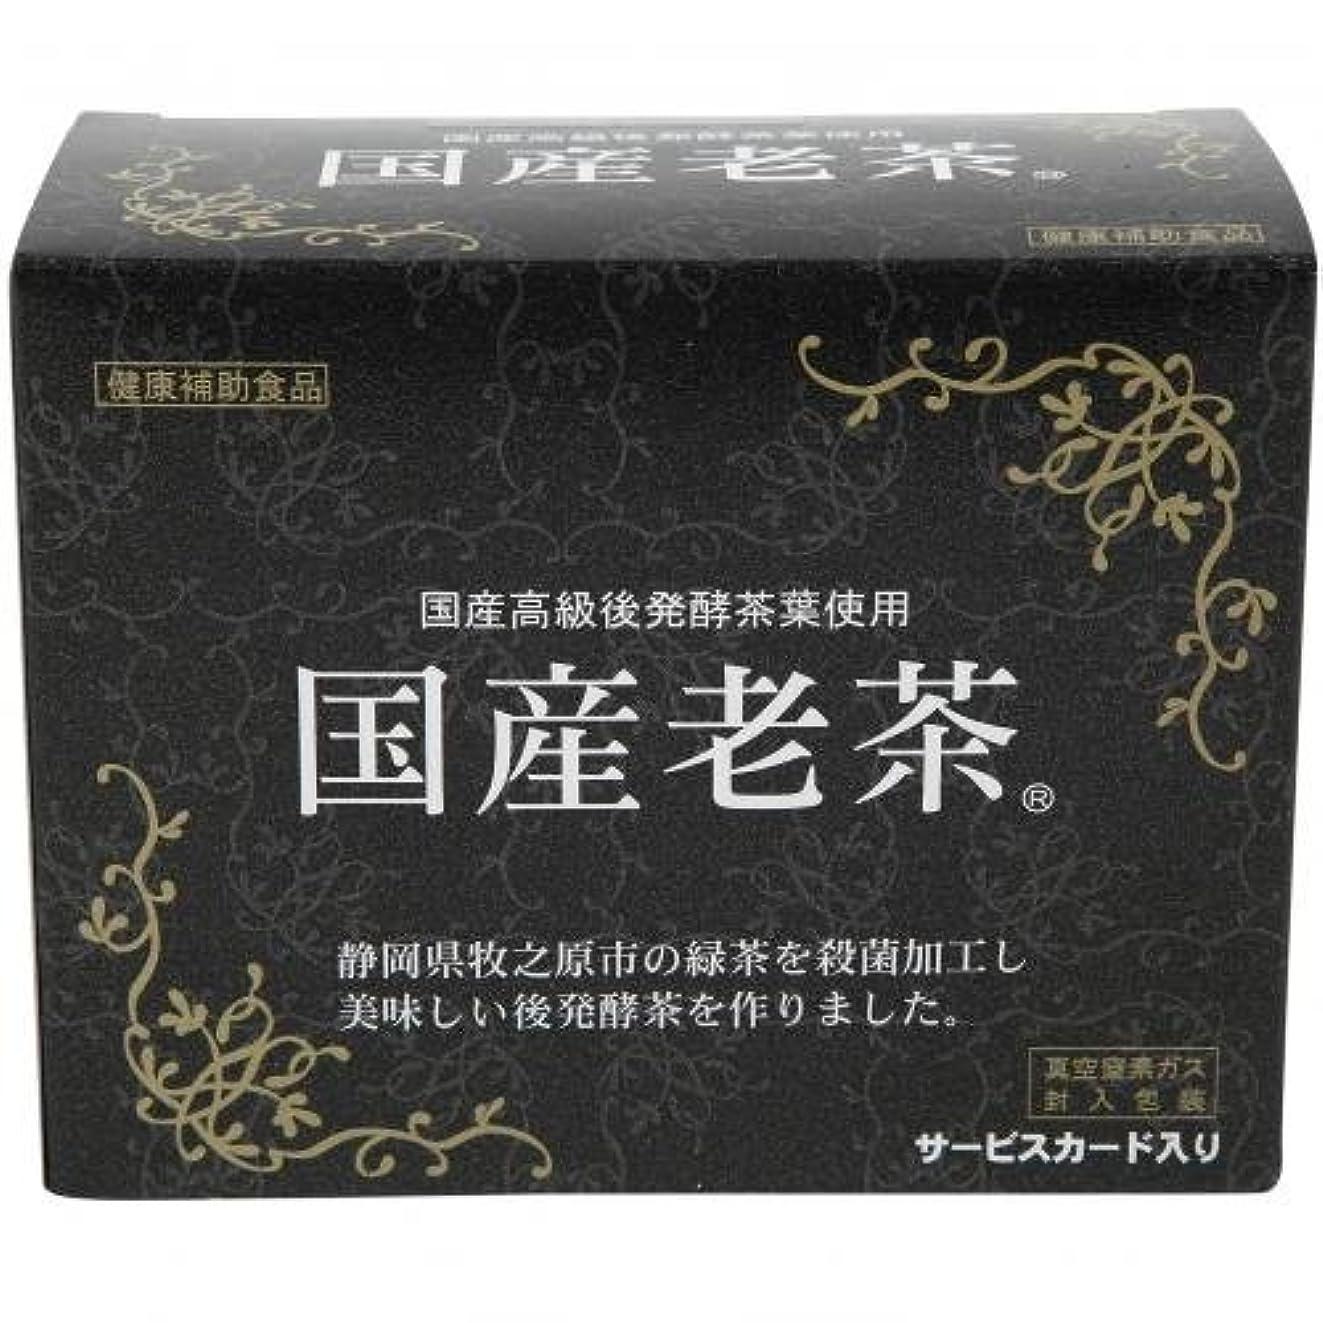 マンモスしばしば機械的に共栄 国産老茶 24包